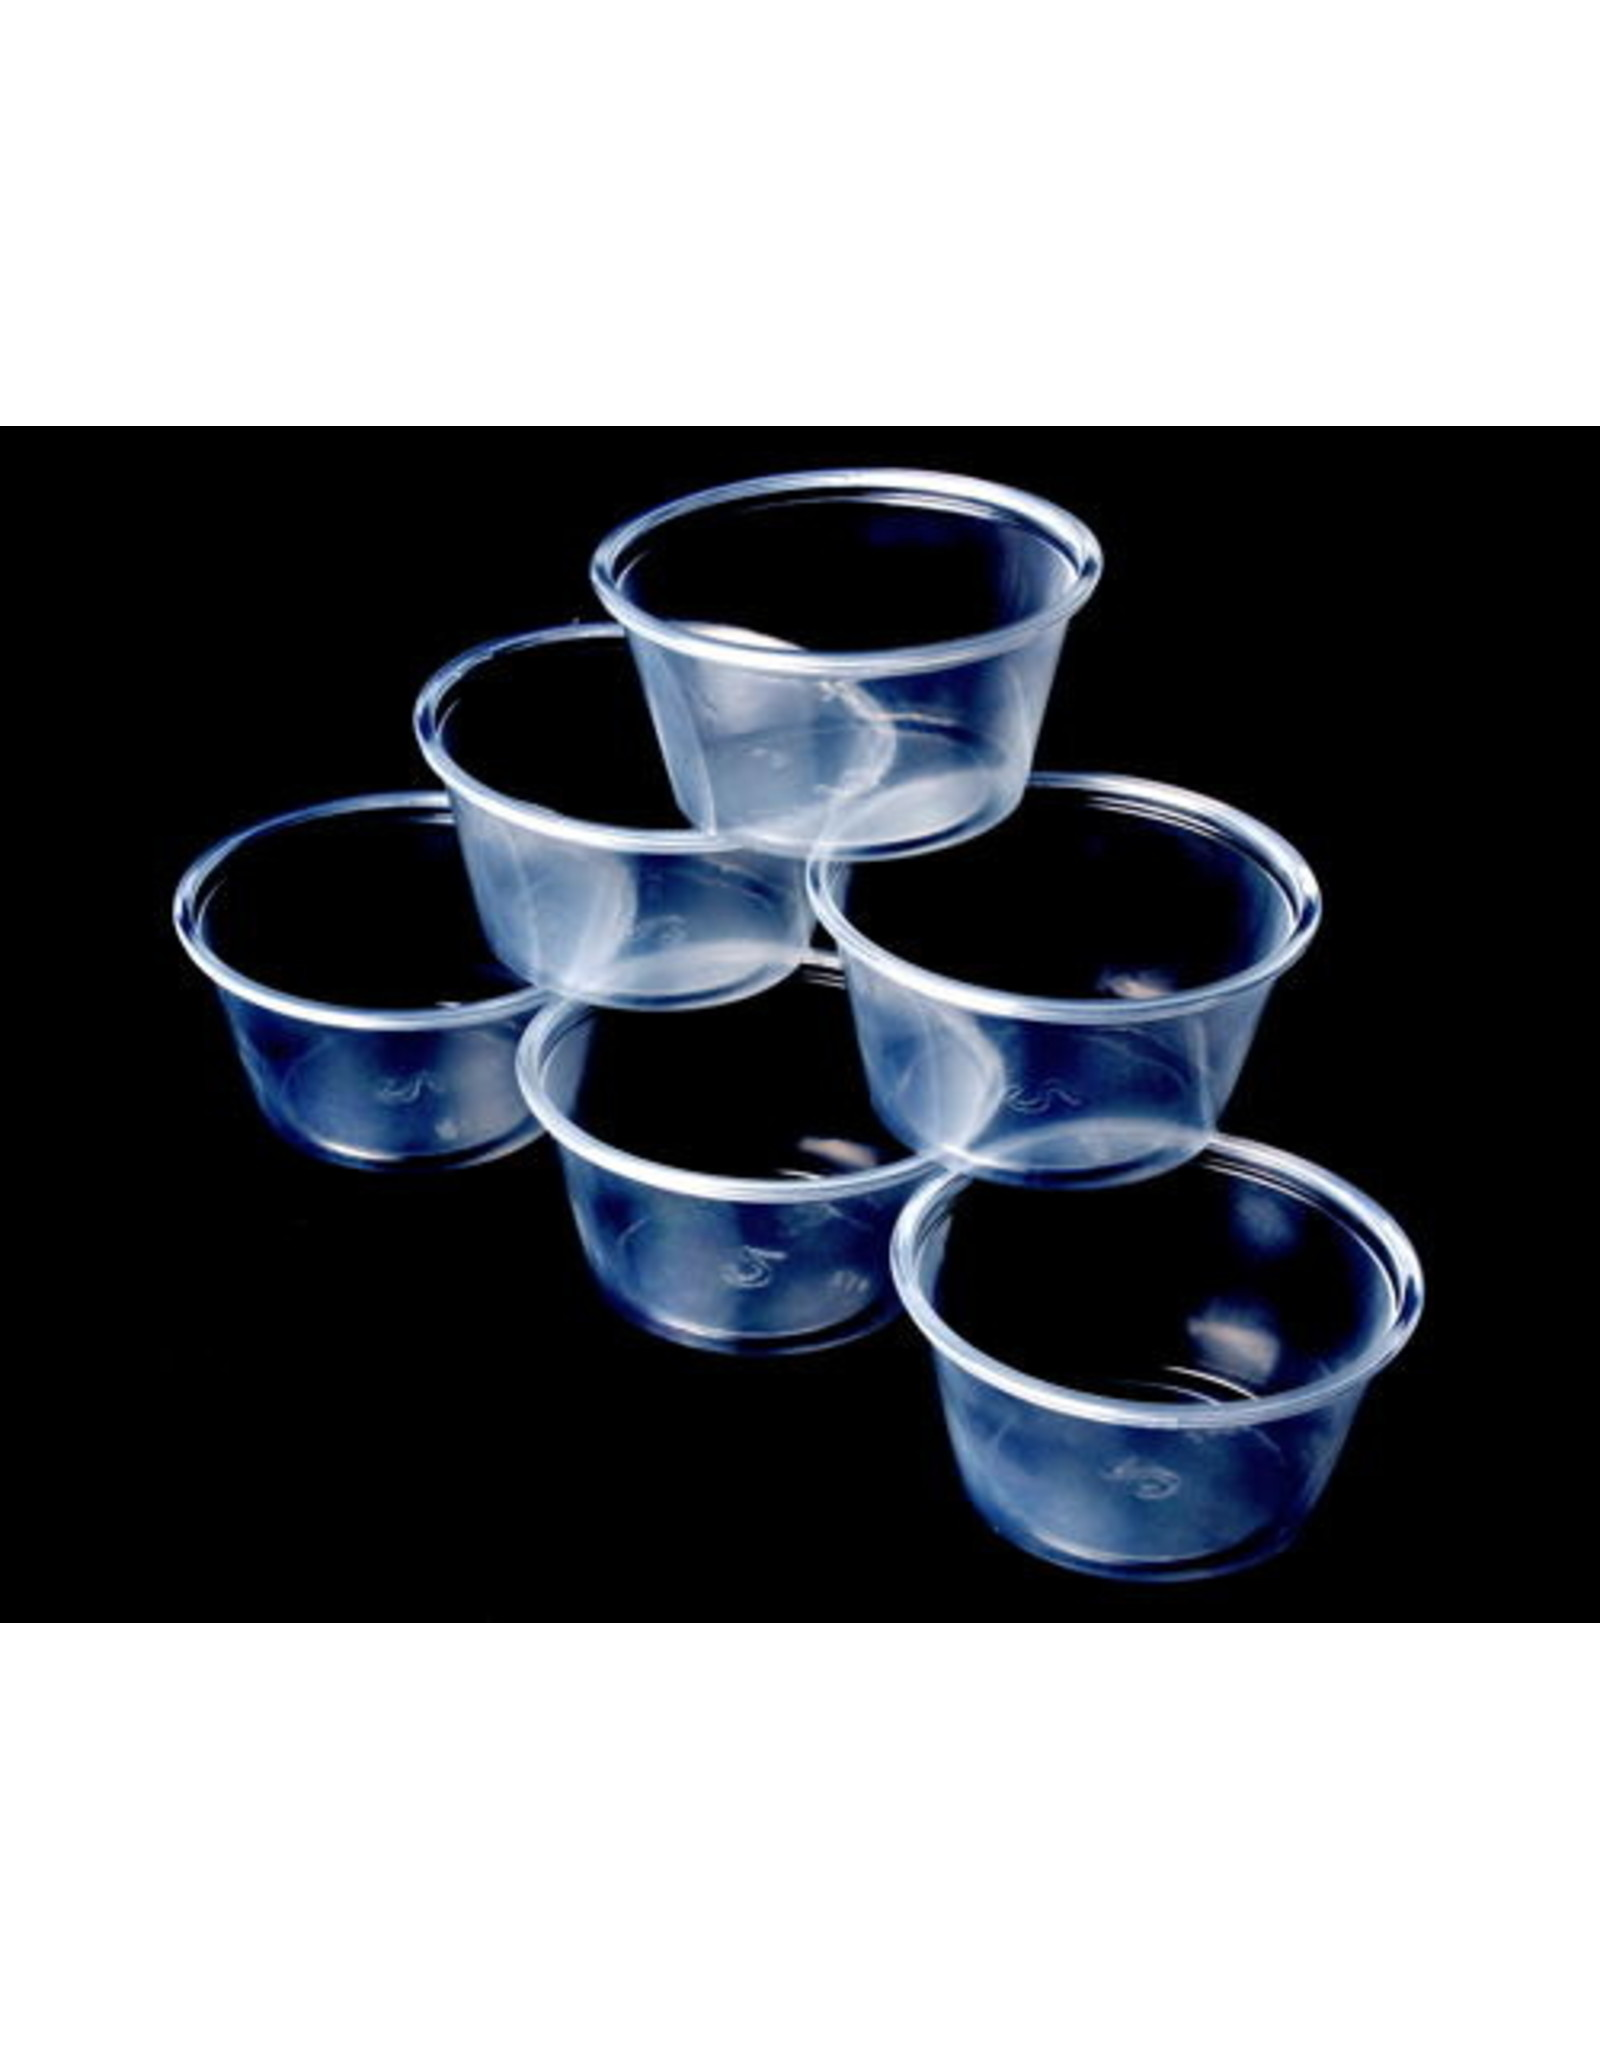 Pet-Tekk PET-TEKK Recyclable Cups